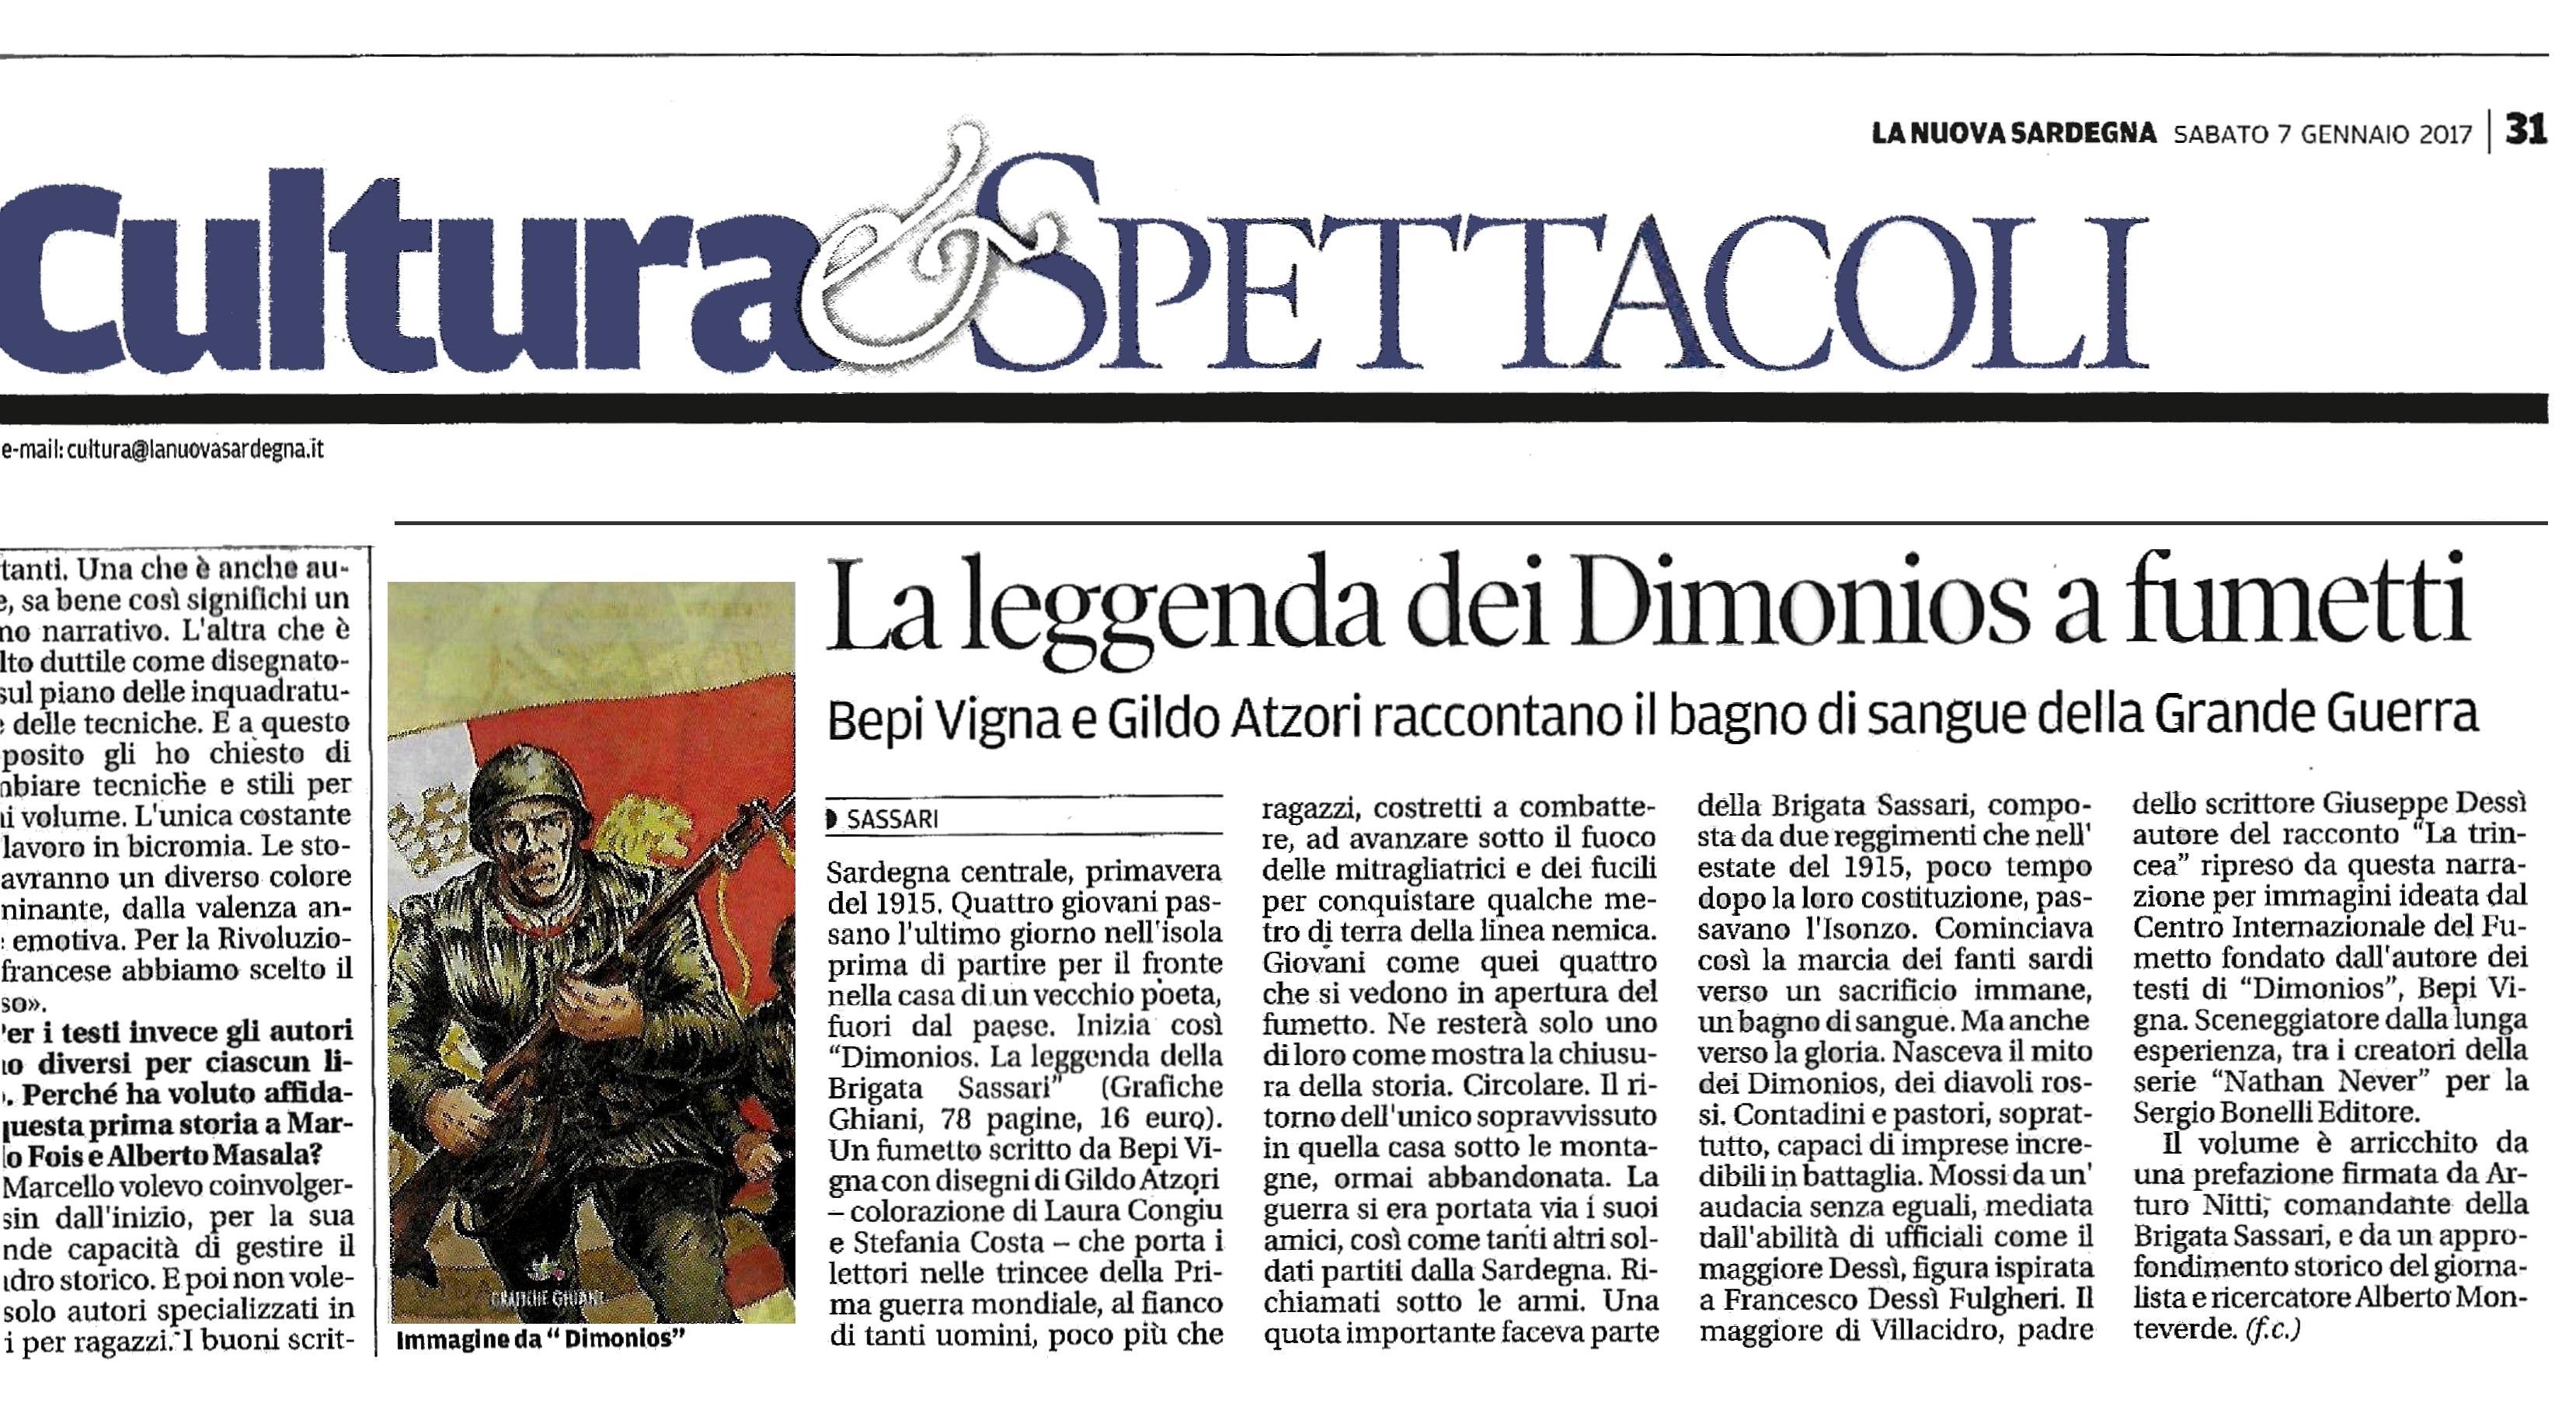 """La Nuova Sardegna, 7 gennaio 2017. """"La leggenda dei Dimionios a fumetti""""."""